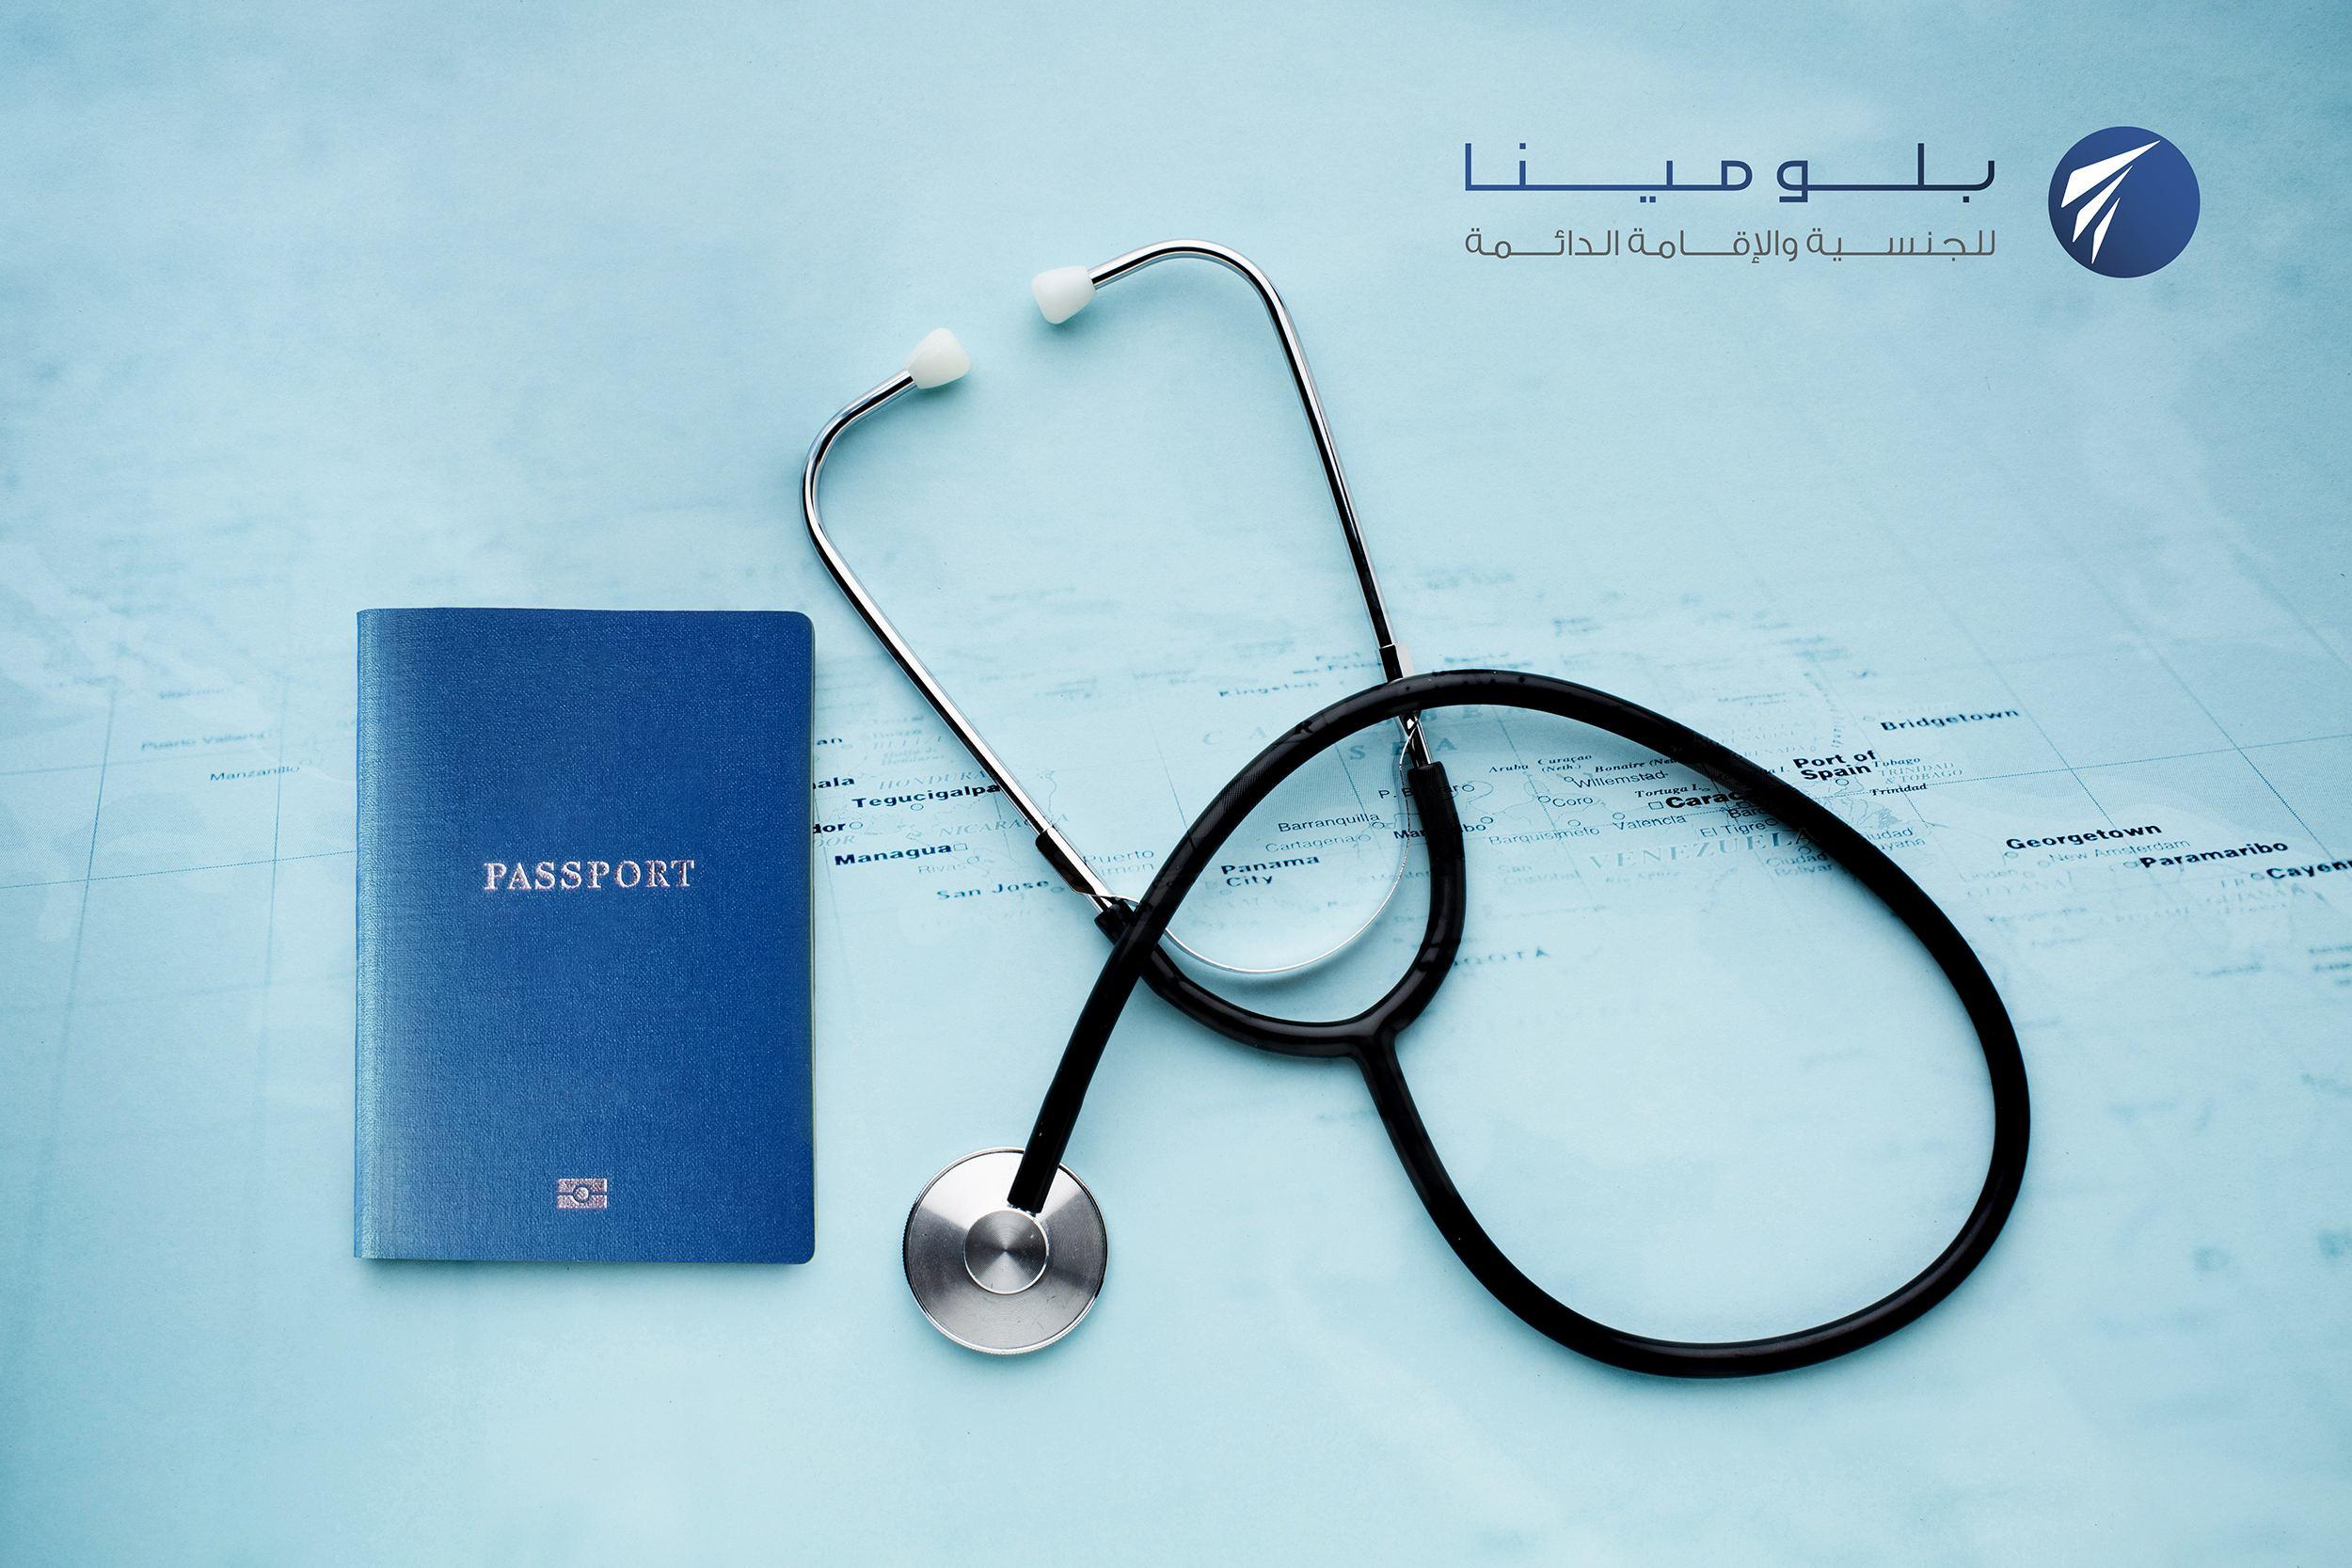 فوائد التأمين الصحي والرعاية الصحية التي يقدمها جواز السفر الثاني